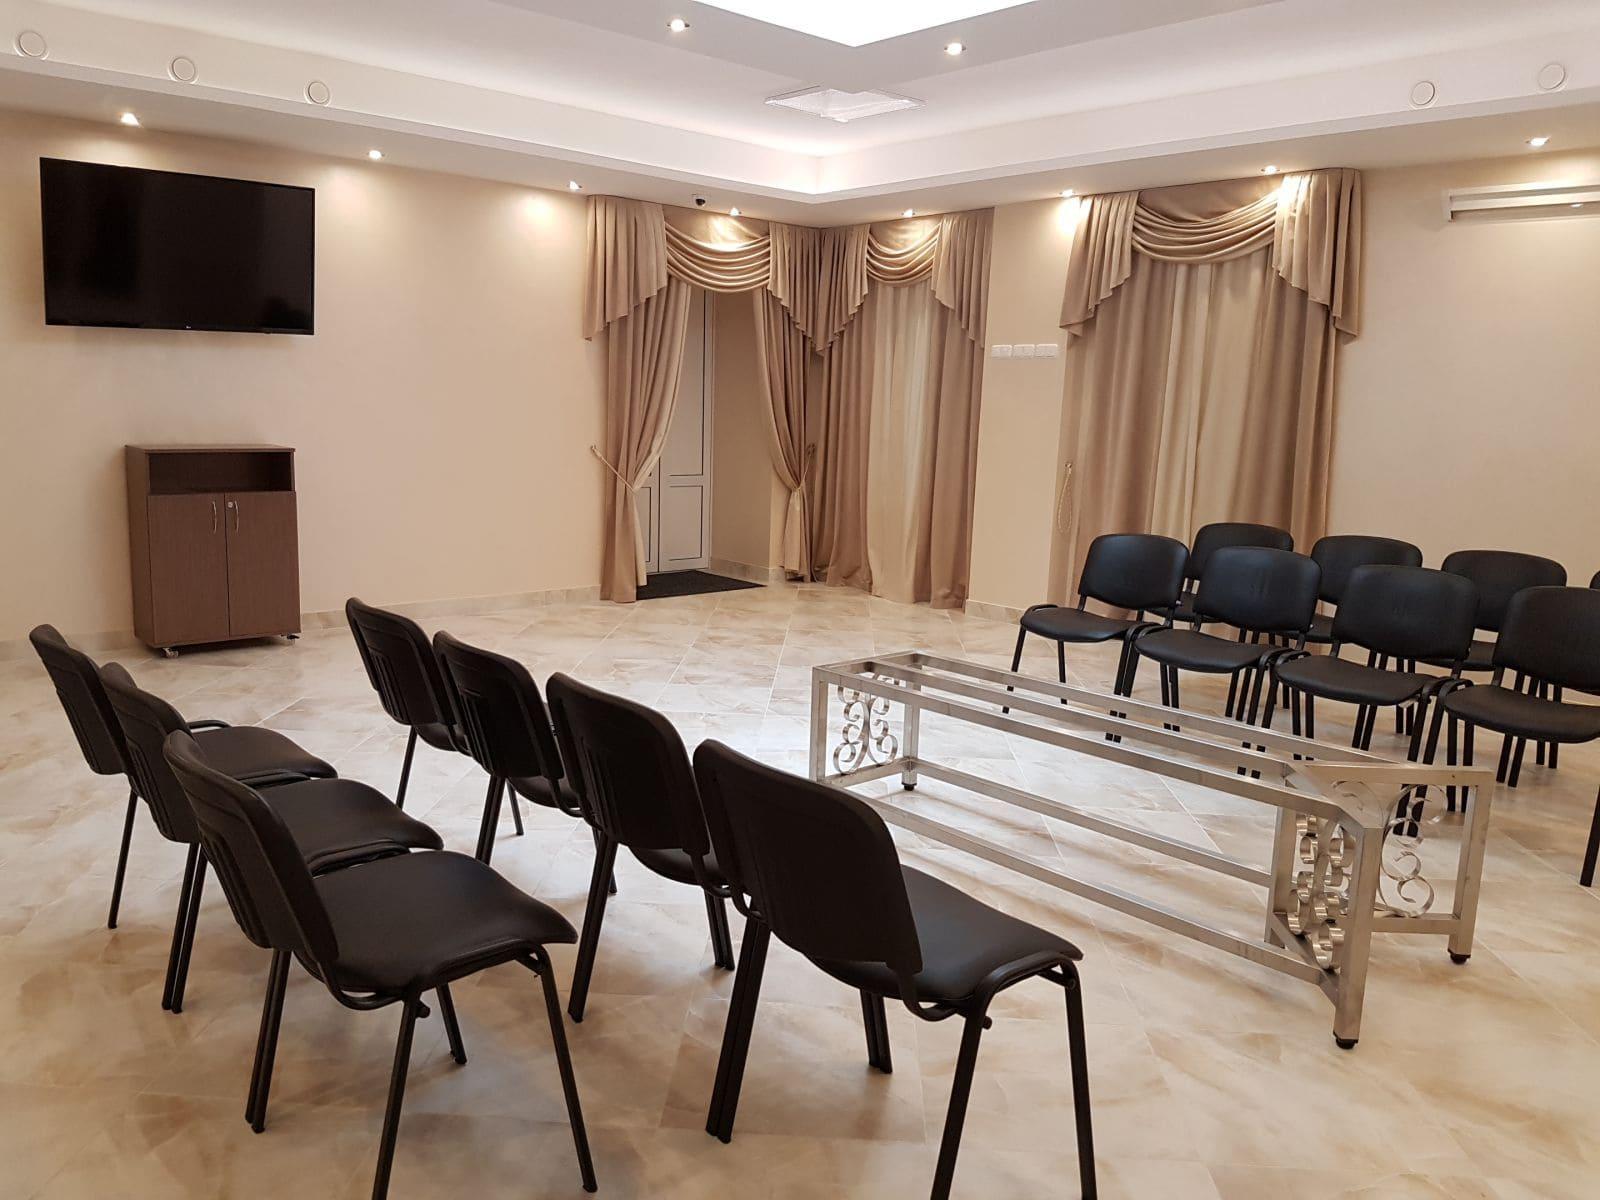 Зал прощания для организации похорон в Минске, аренда, расписание